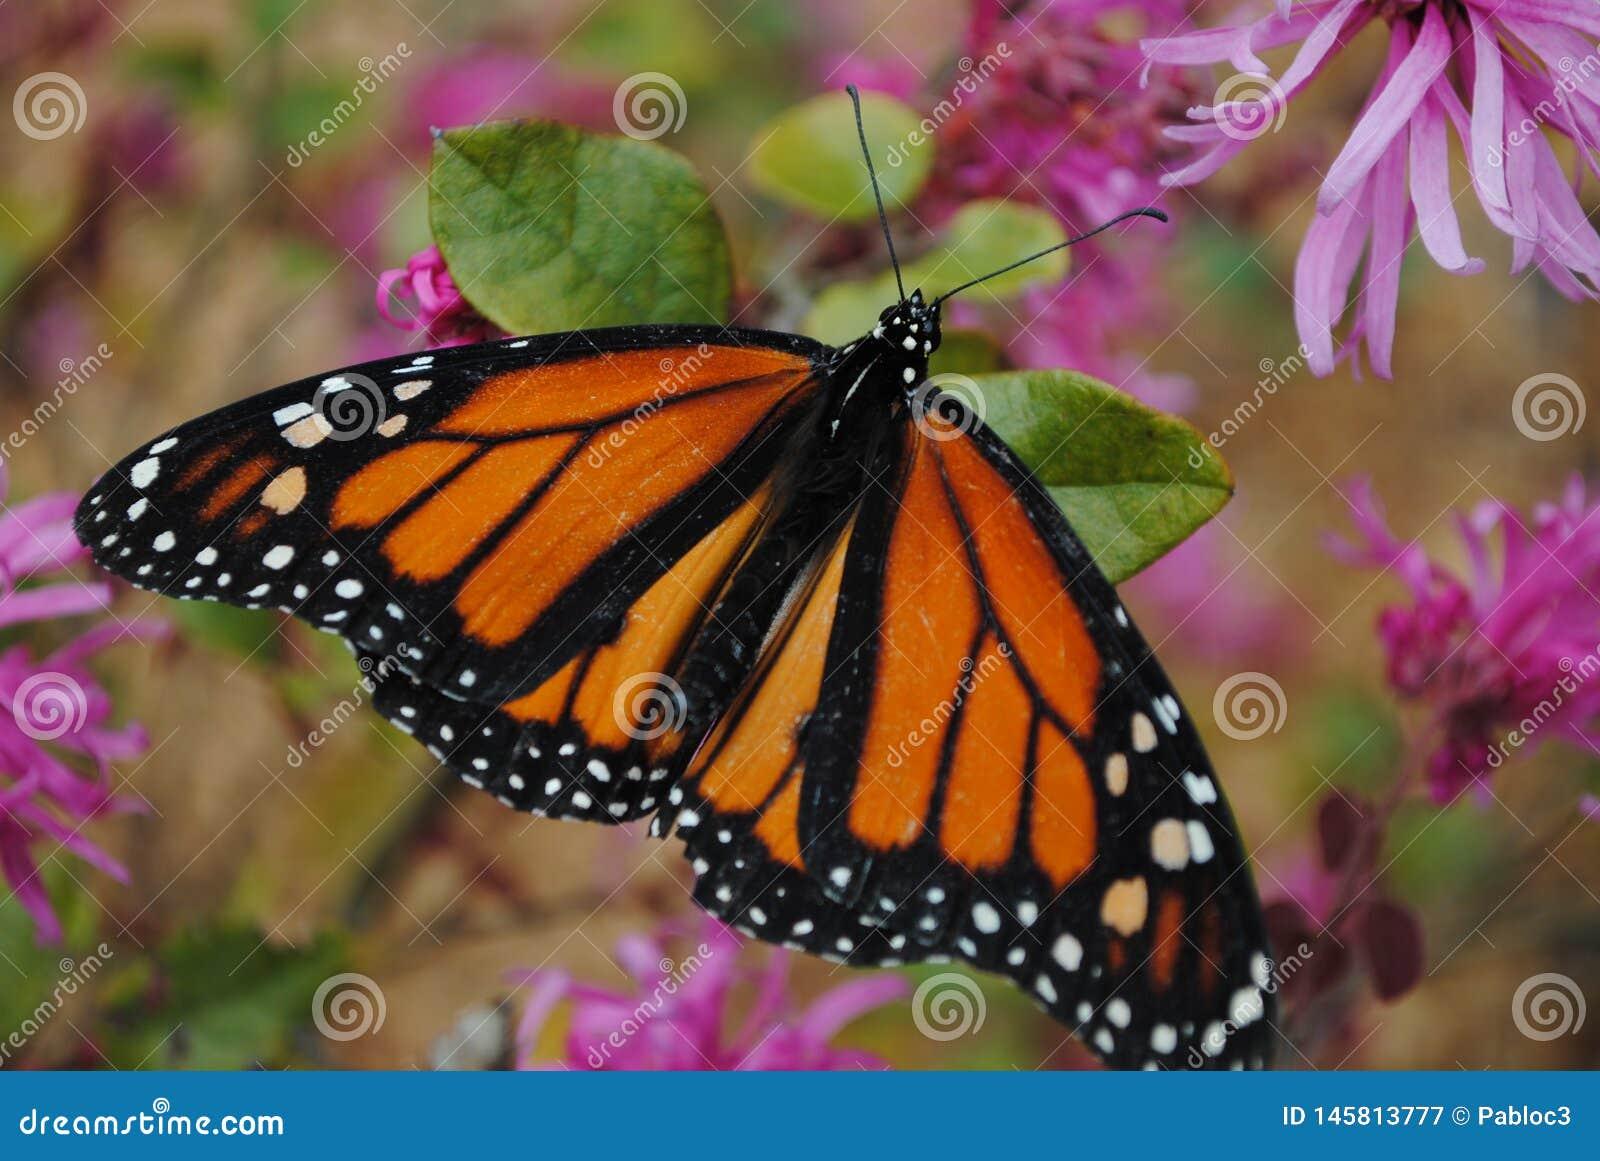 Бабочка монарха на крыльях цветка распространяя